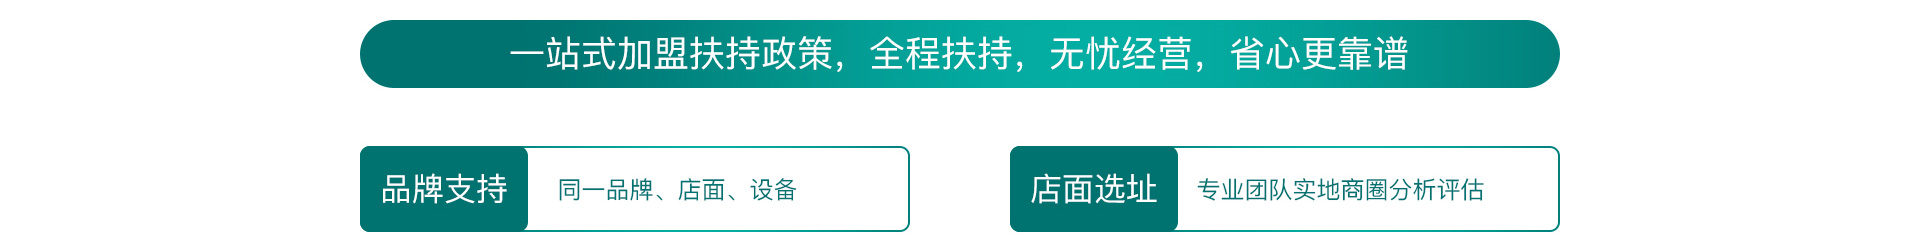 书颜世家详情_28